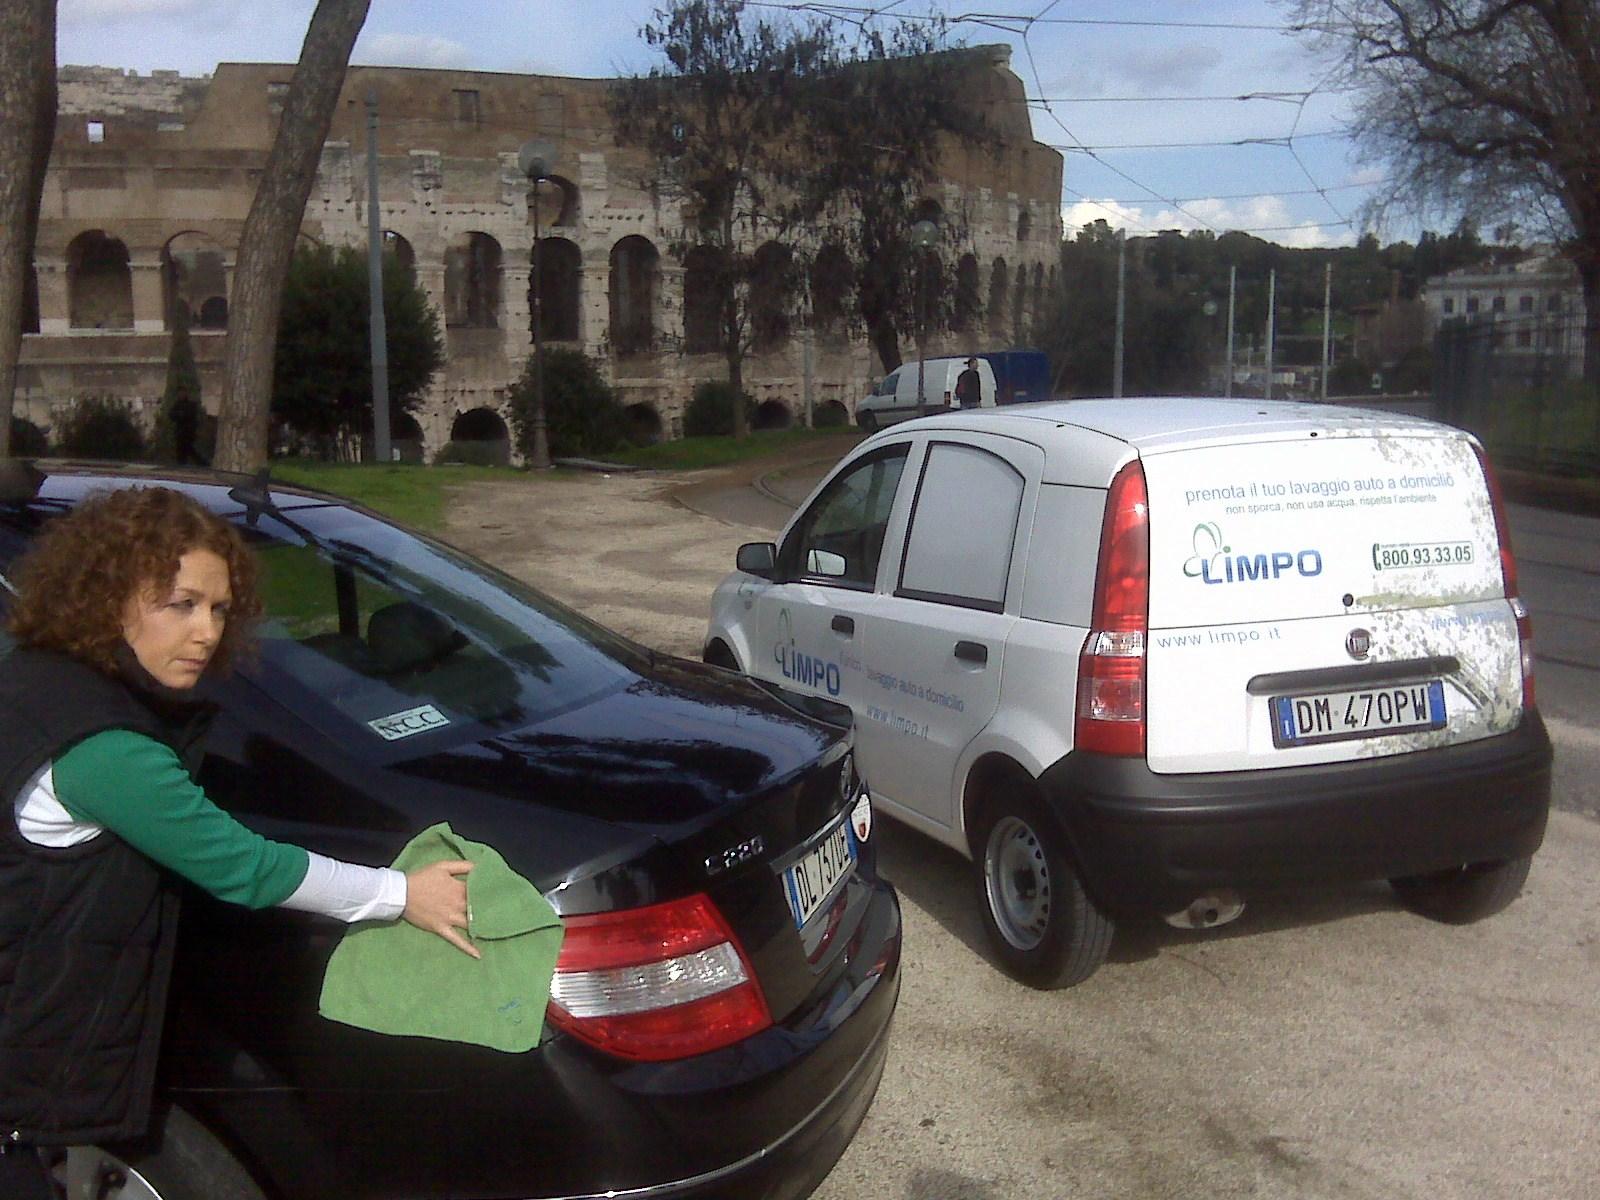 Lavaggio tappezzeria a domicilio roma for Acqua lauretana a domicilio roma